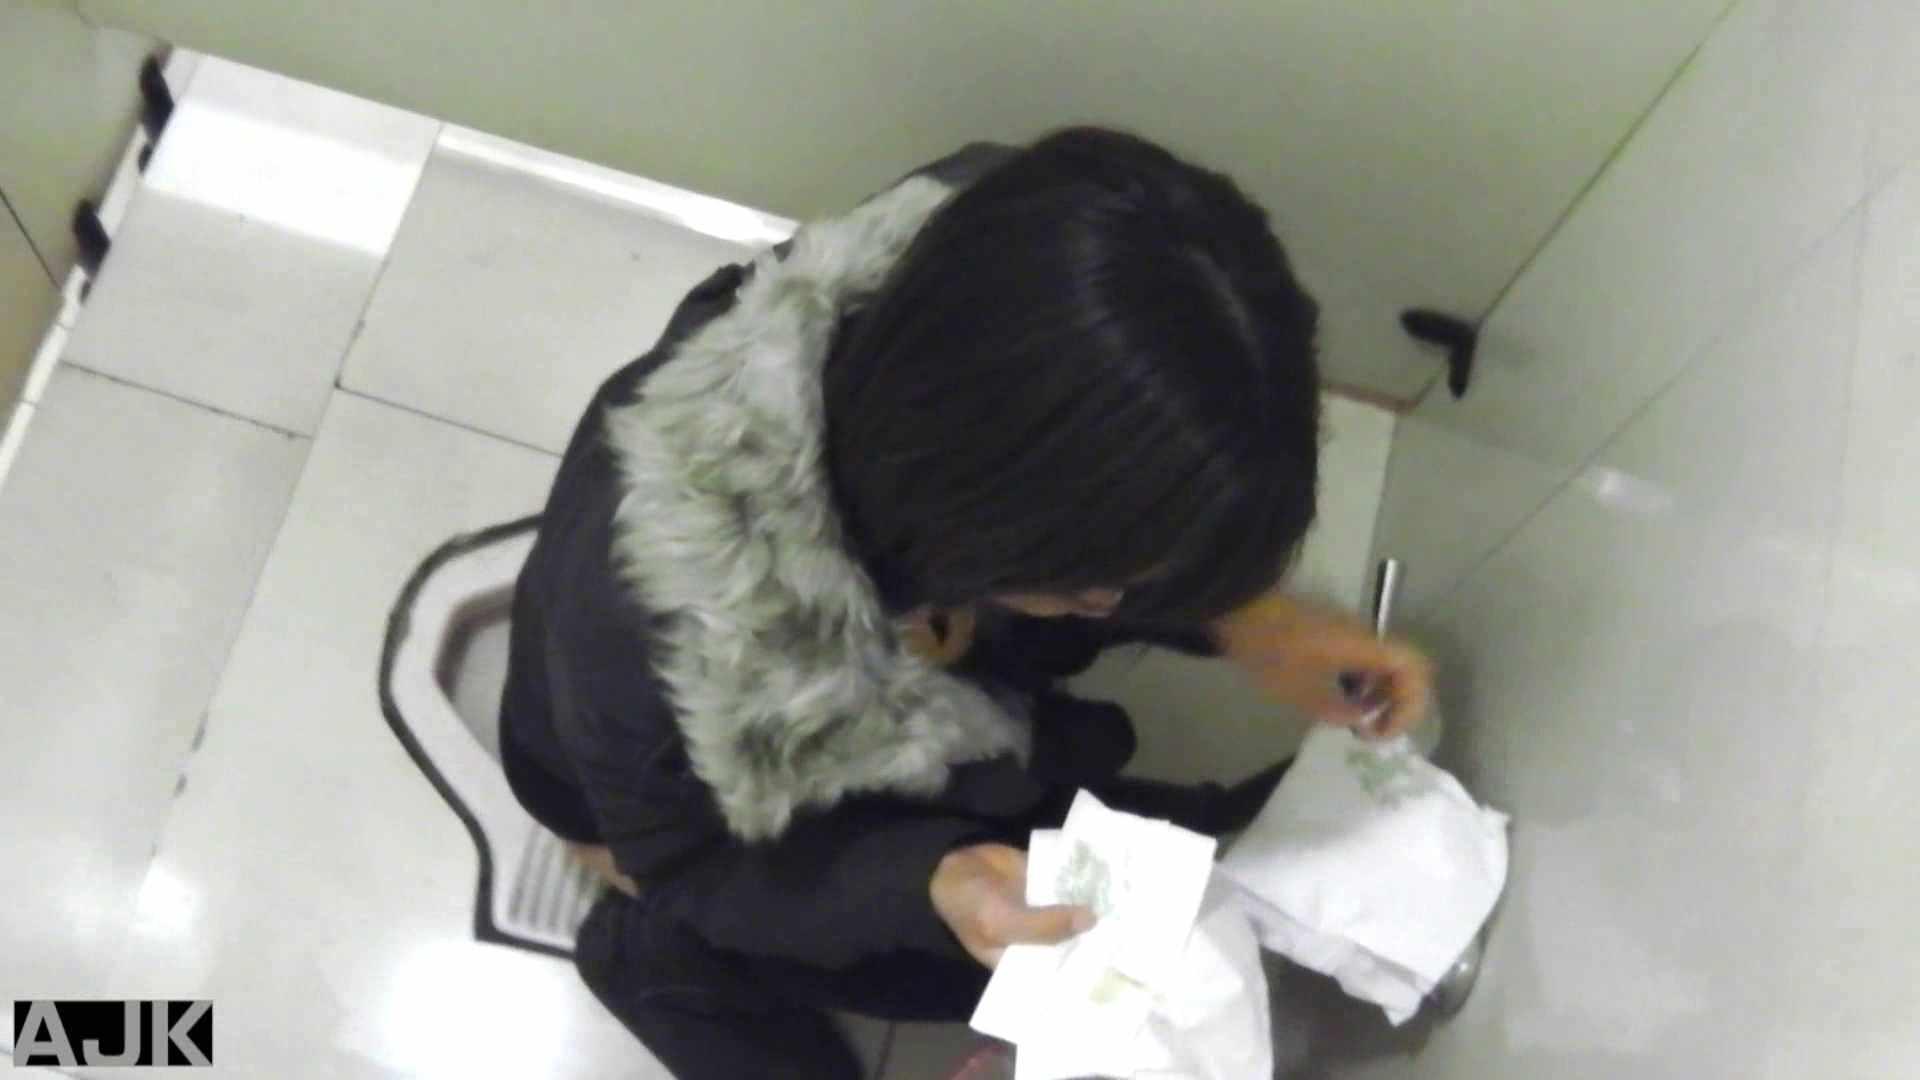 隣国上階級エリアの令嬢たちが集うデパートお手洗い Vol.03 おまんこ  104PIX 13